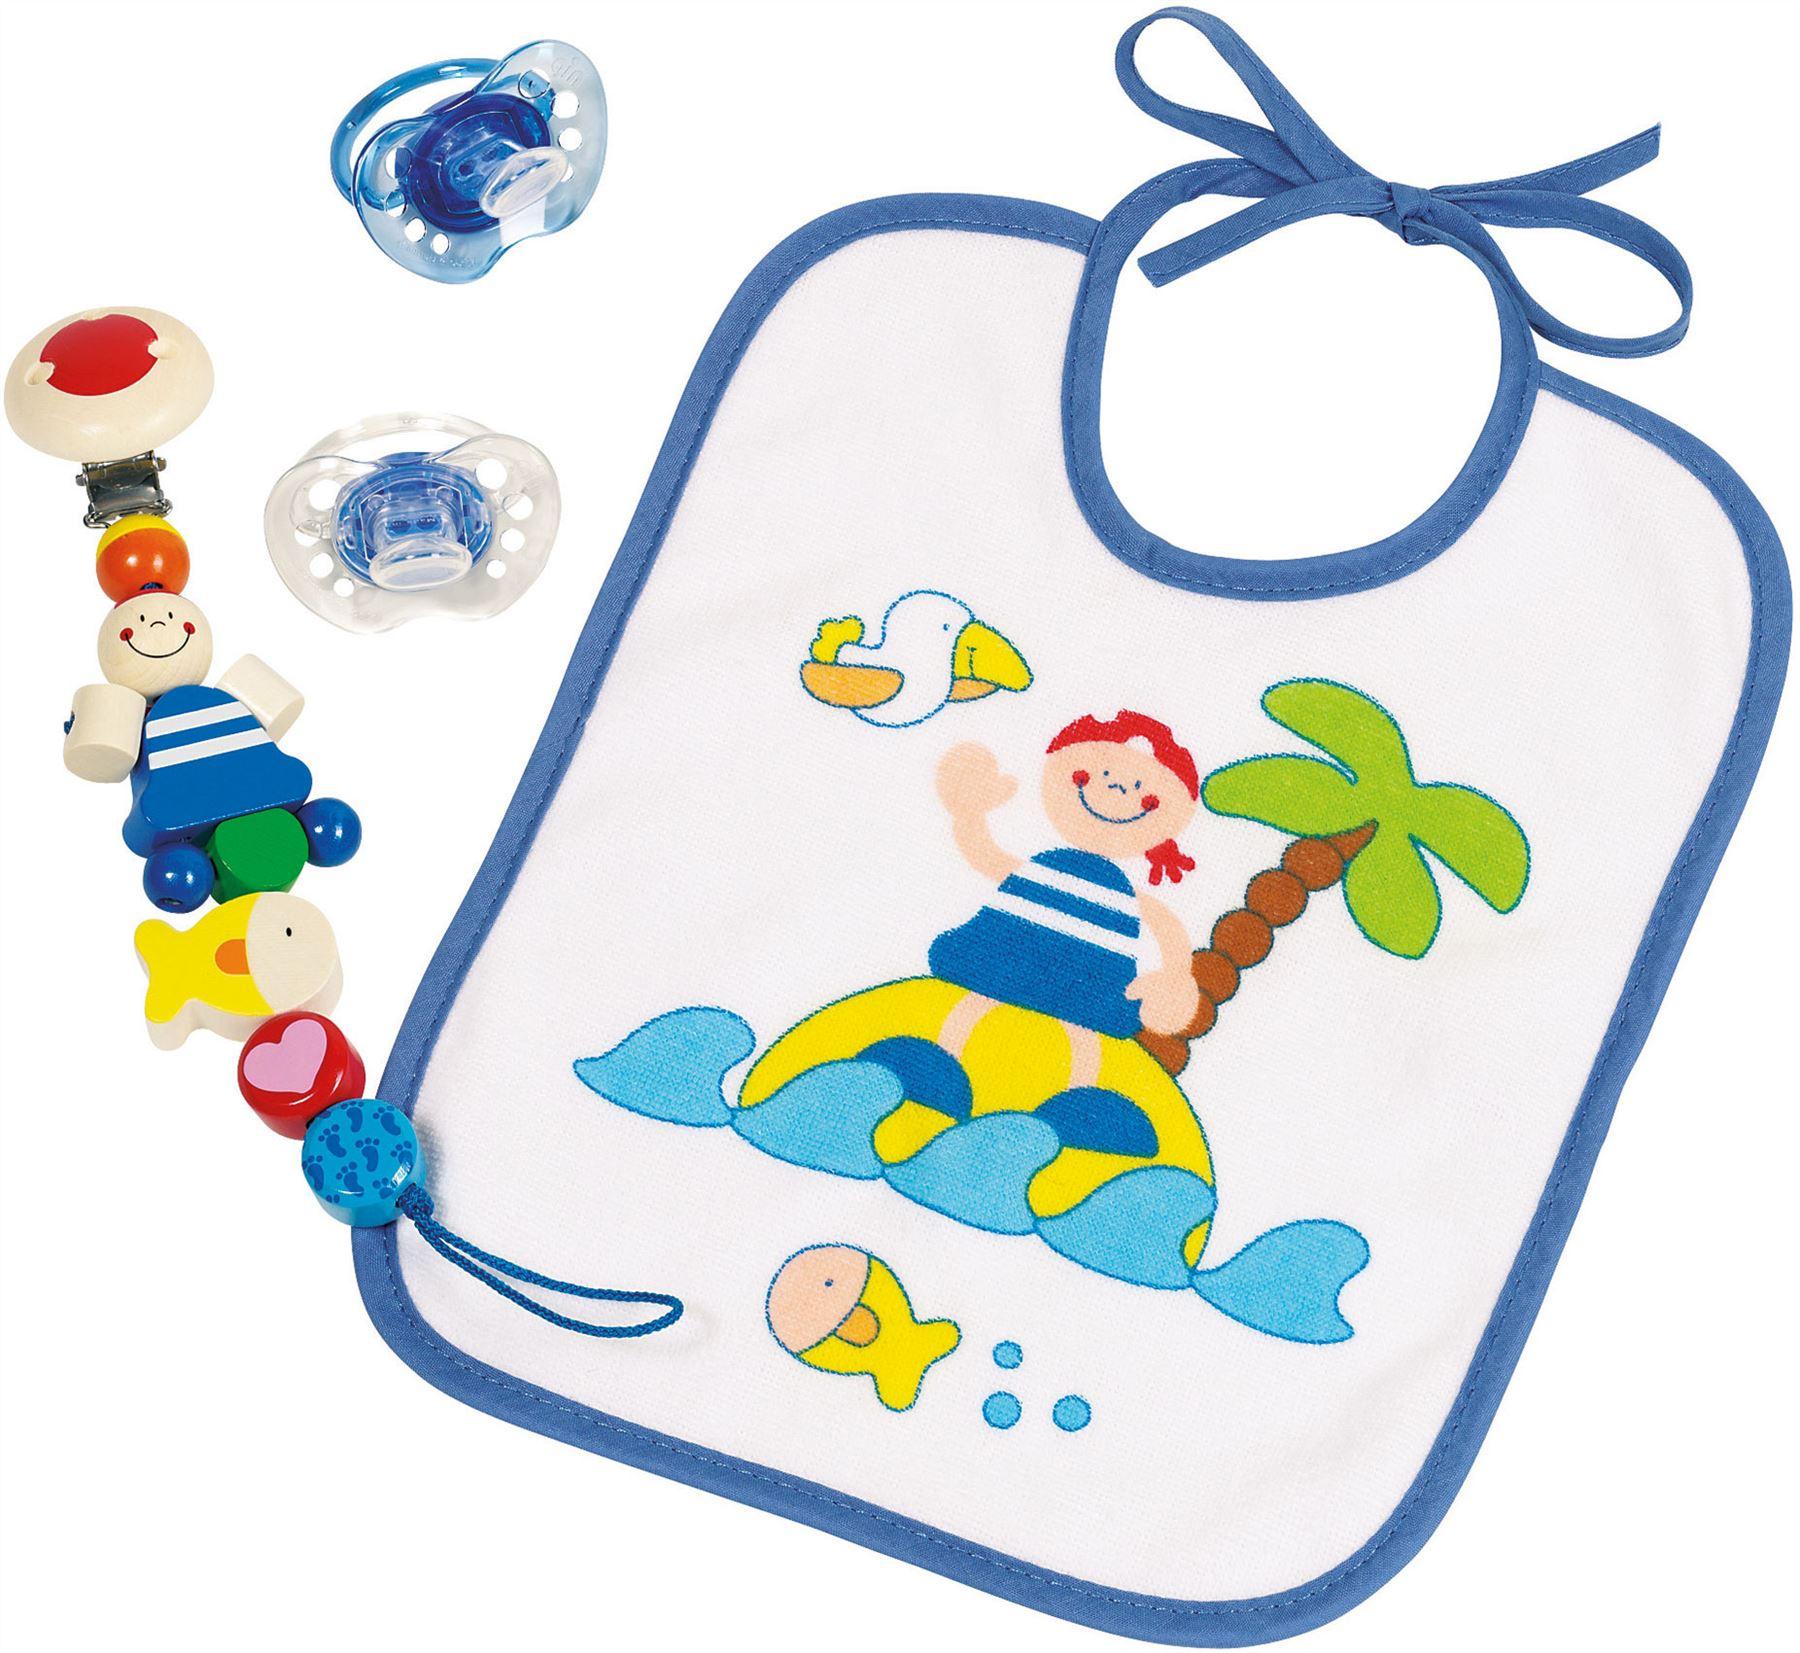 Heimess Dummy Chain Africa Baby//Nursery Wooden Pram Pacifier Toy Gift BNIP